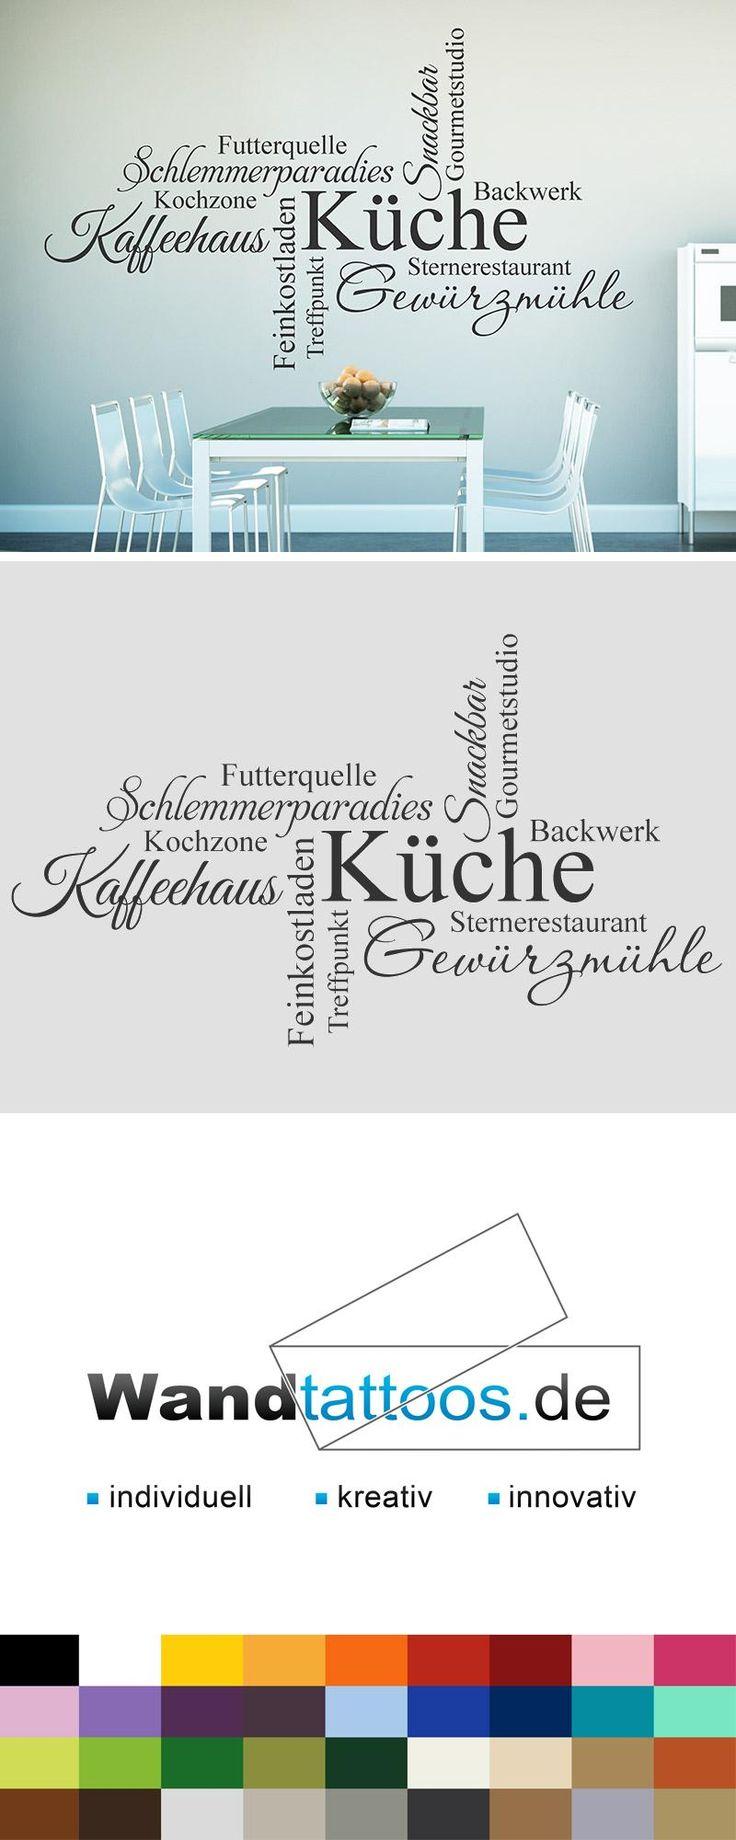 Wandtattoo Begriffe Für Die Küche Als Idee Zur Individuellen  Wandgestaltung. Einfach Lieblingsfarbe Und Größe Auswählen